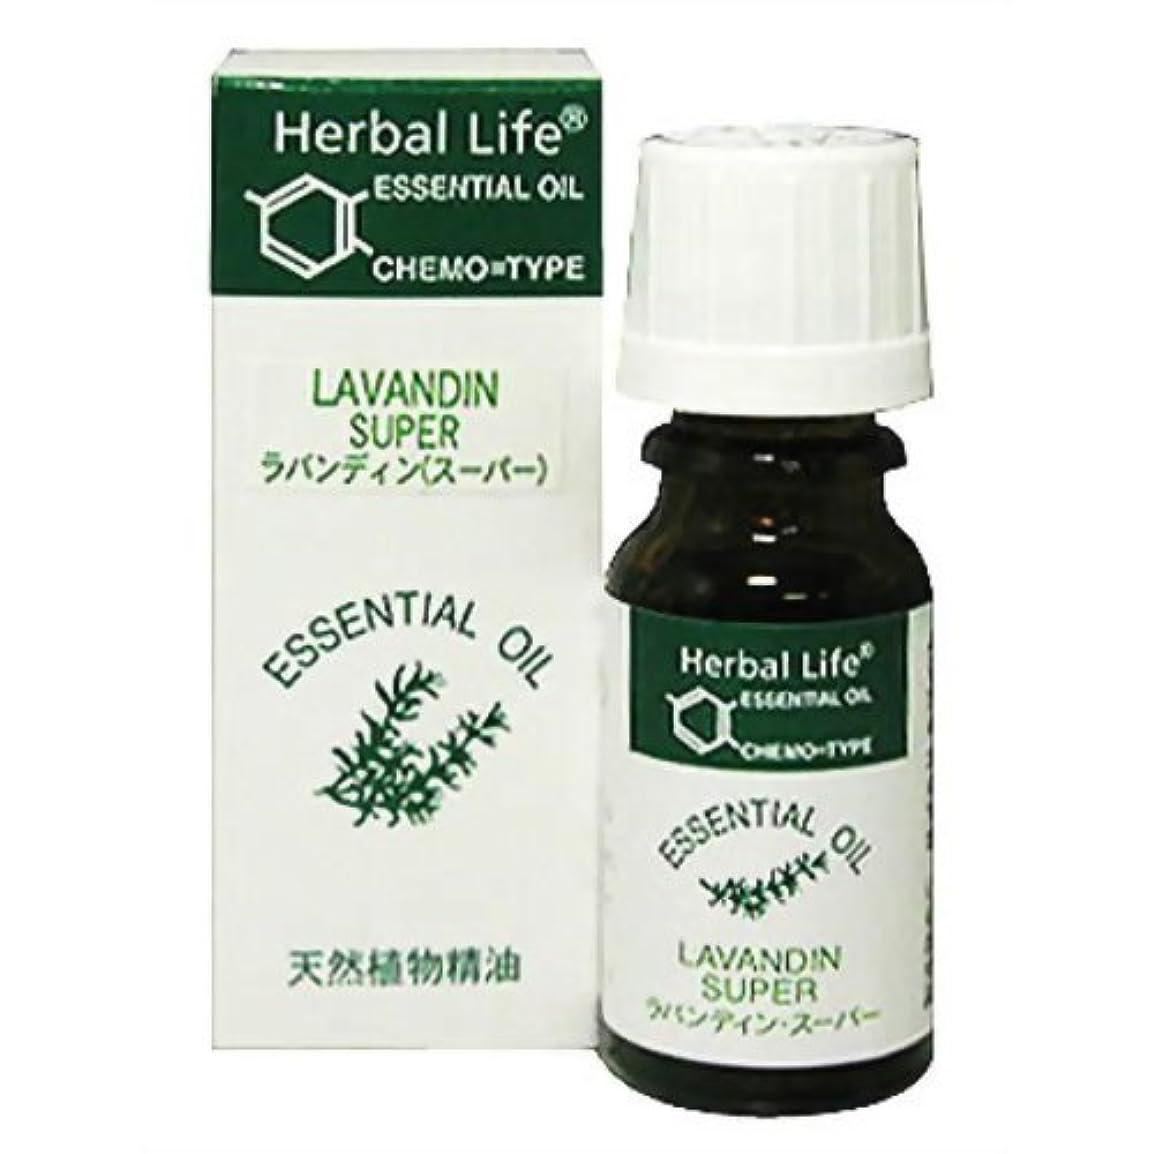 立法餌原理Herbal Life ラバンディン?スーパー 10ml